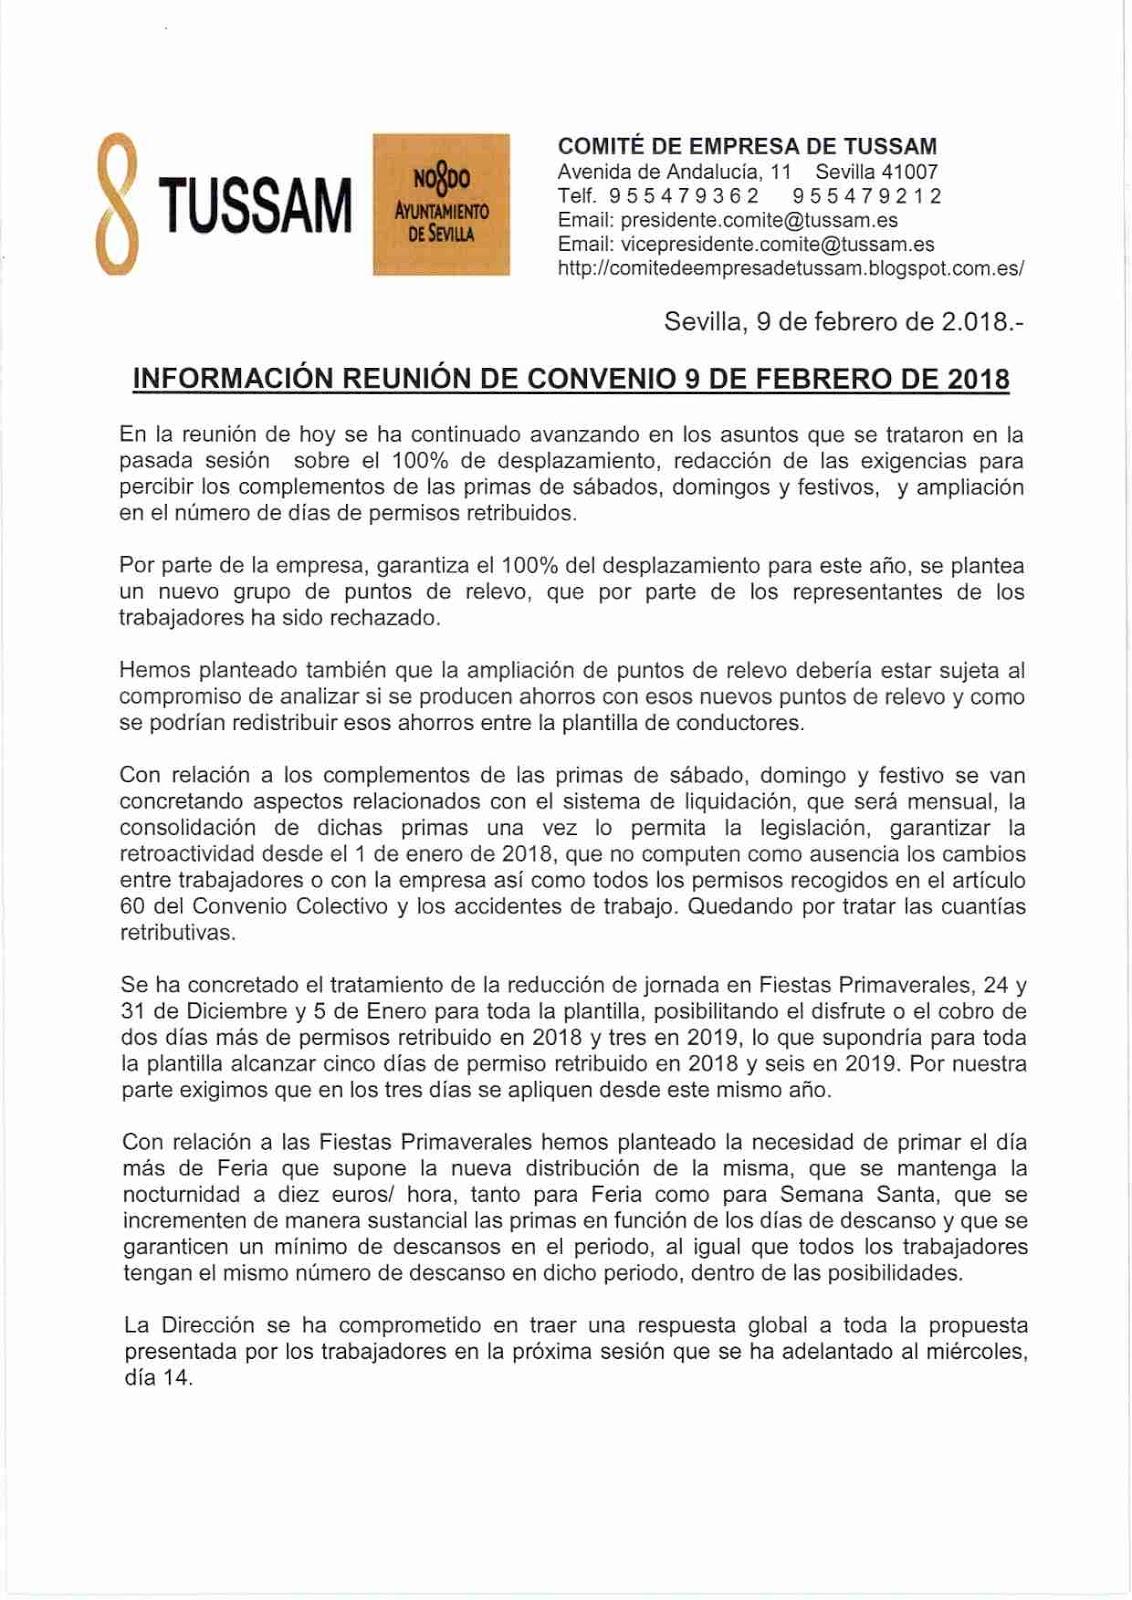 Comit de empresa tussam informaci n de convenio 9 2 18 for Fuera de convenio 2018